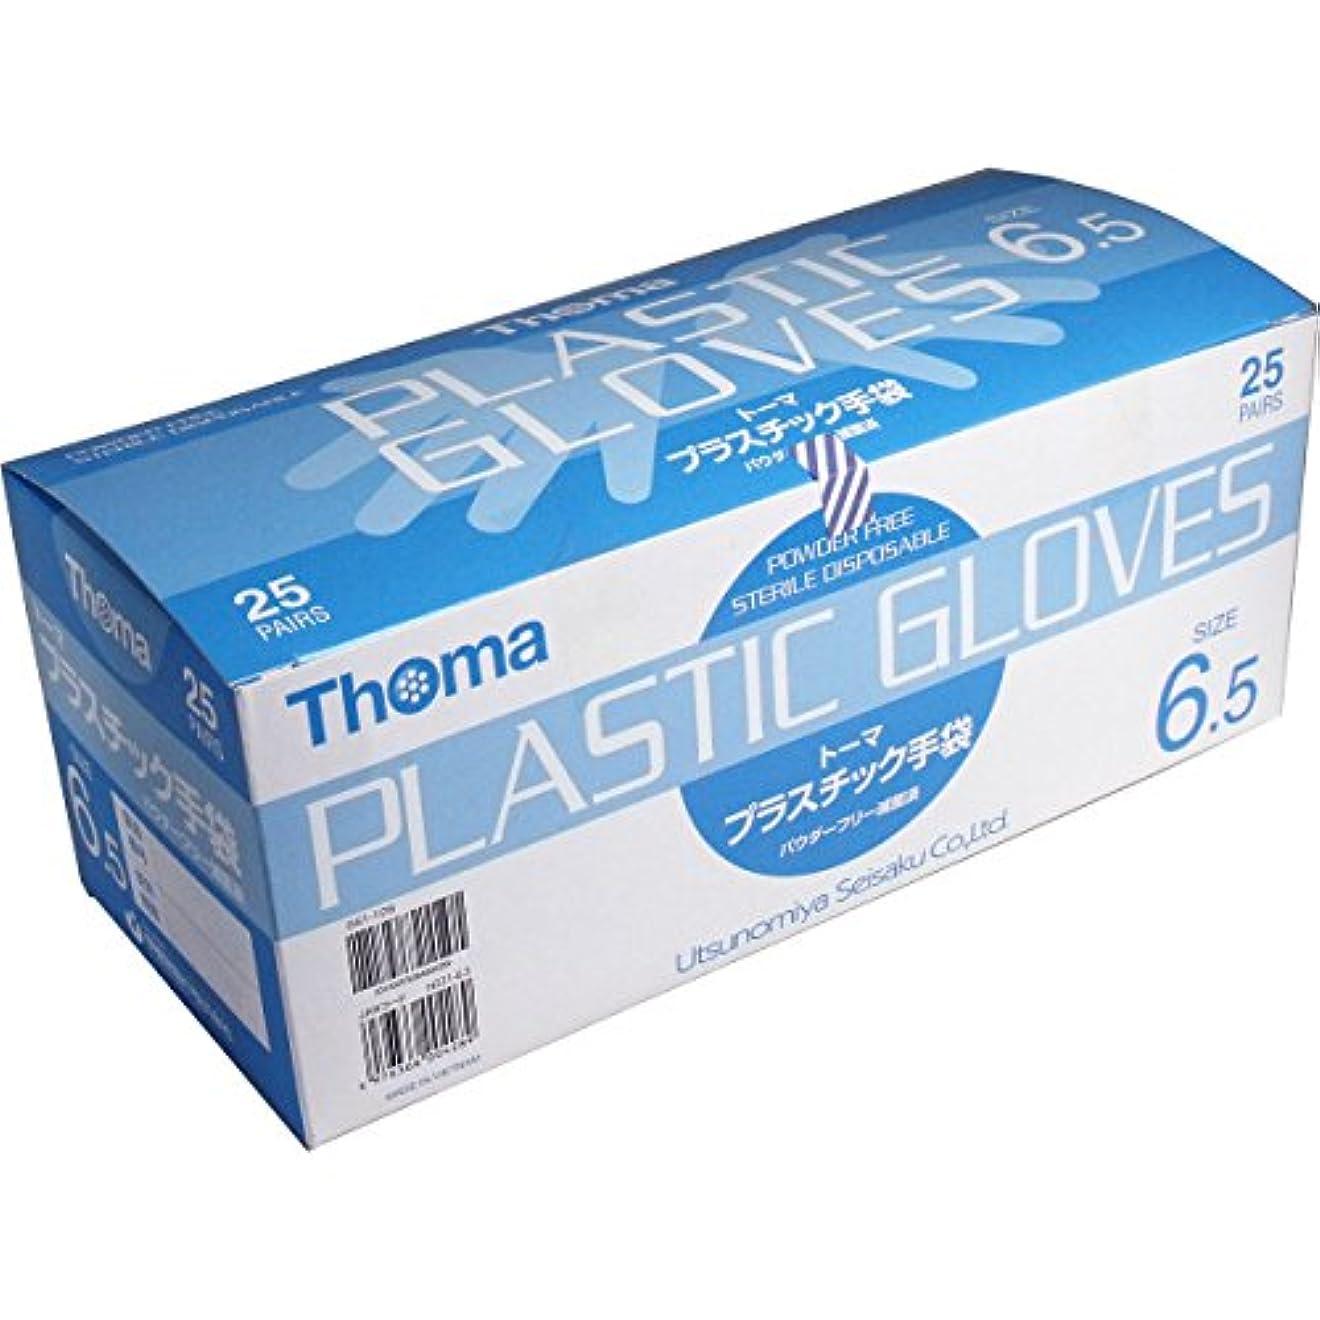 かわいらしいルネッサンスマート超薄手プラスチック手袋 1双毎に滅菌包装、衛生的 便利 トーマ プラスチック手袋 パウダーフリー滅菌済 25双入 サイズ6.5【5個セット】